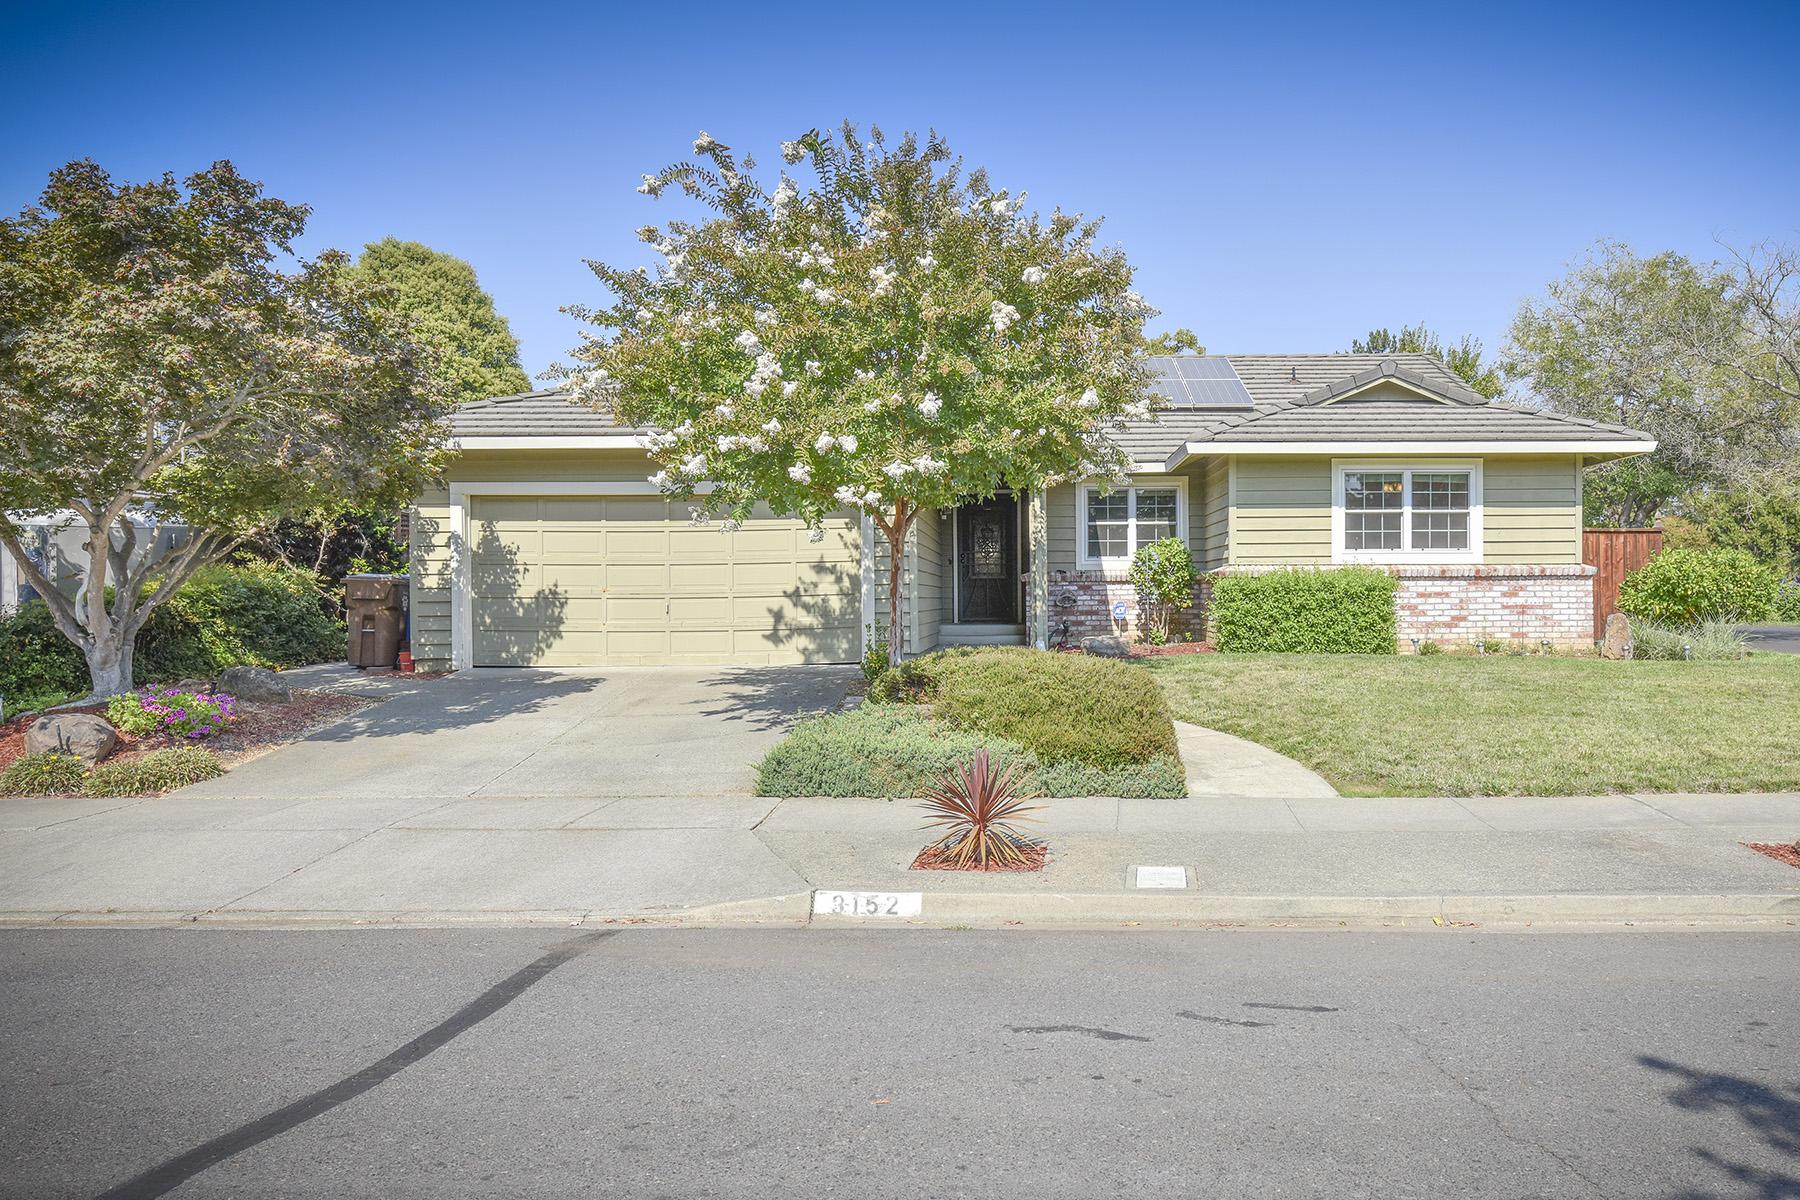 단독 가정 주택 용 매매 에 3152 Hyde Park Dr, Napa, CA 94558 3152 Hyde Park Dr Napa, 캘리포니아, 94558 미국